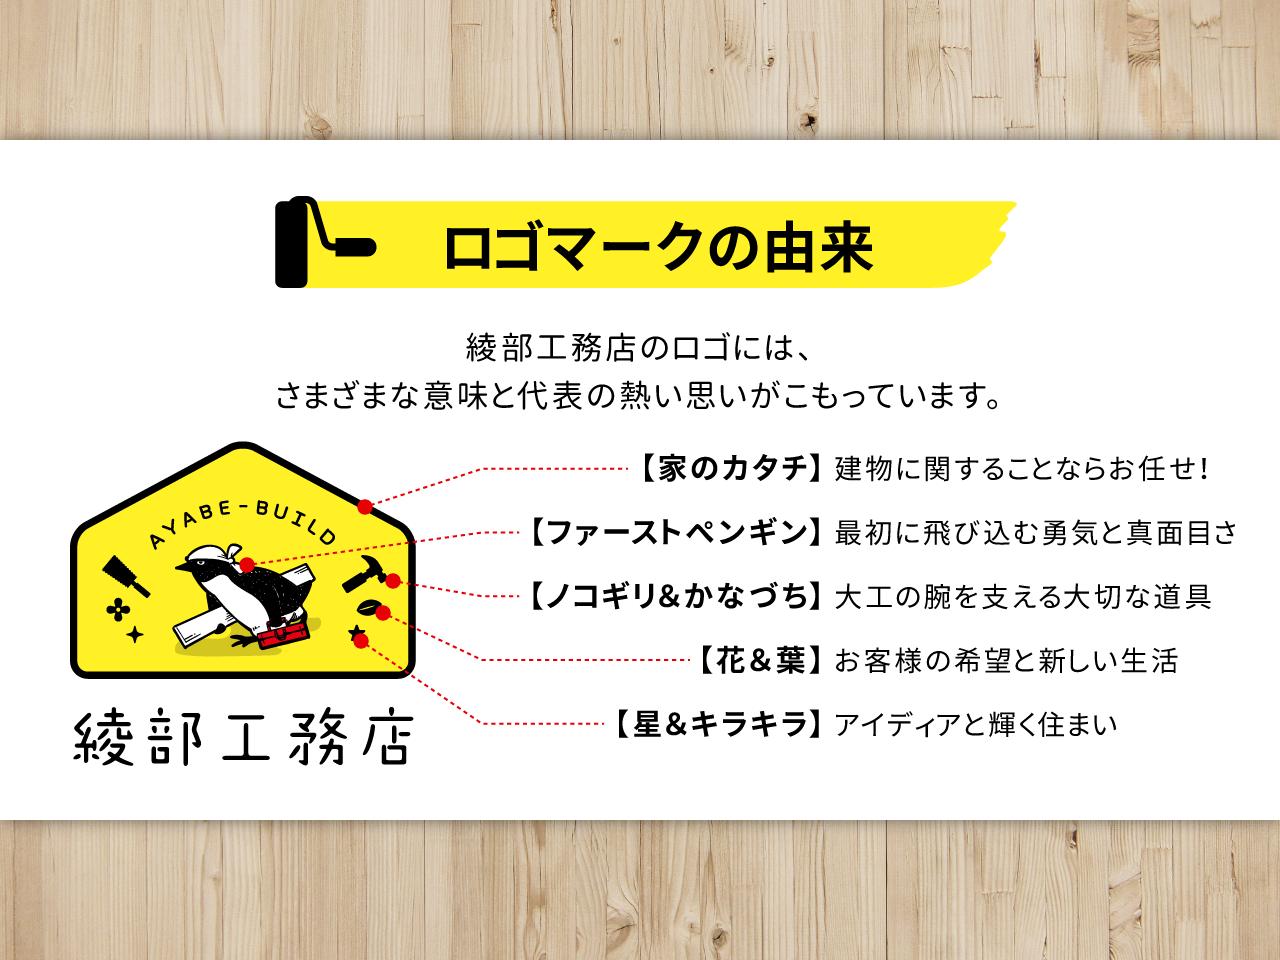 ロゴマークの由来 綾部工務店のロゴには、さまざまな意味と代表の熱い思いがこもっています。